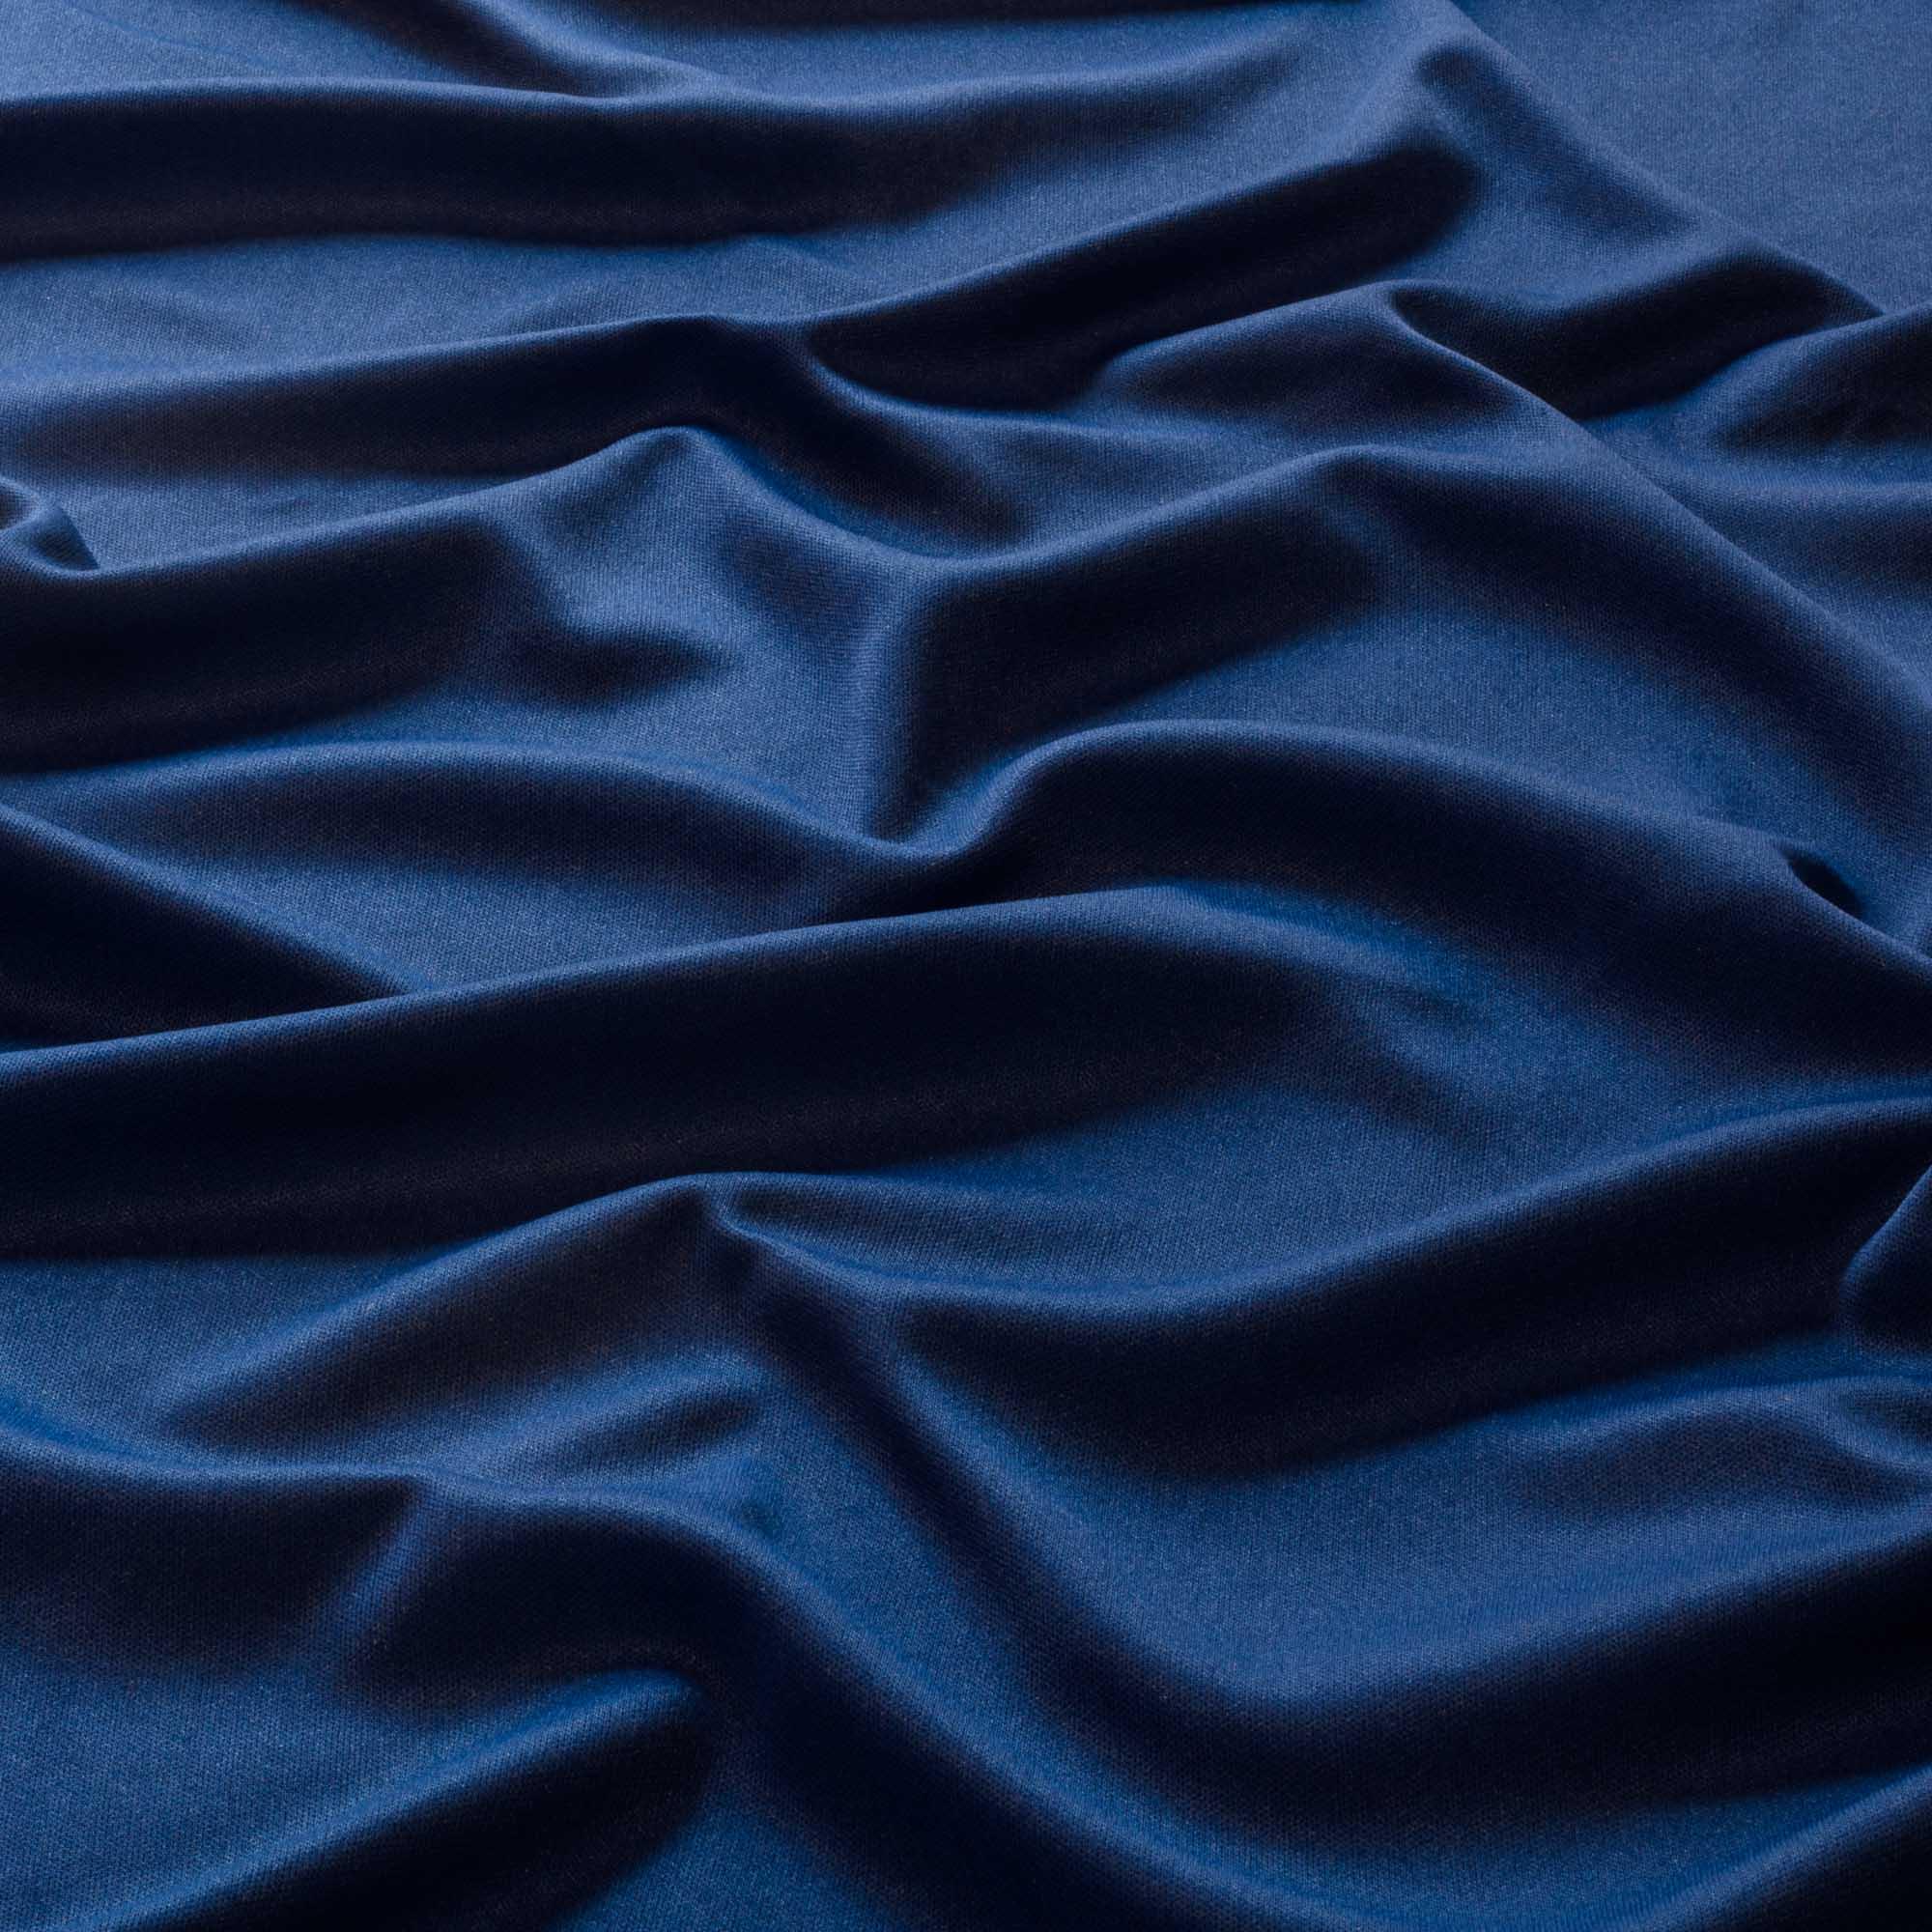 Tecido Malha Helanca Light Azul Royal 100% Poliester 1,80 m Largura